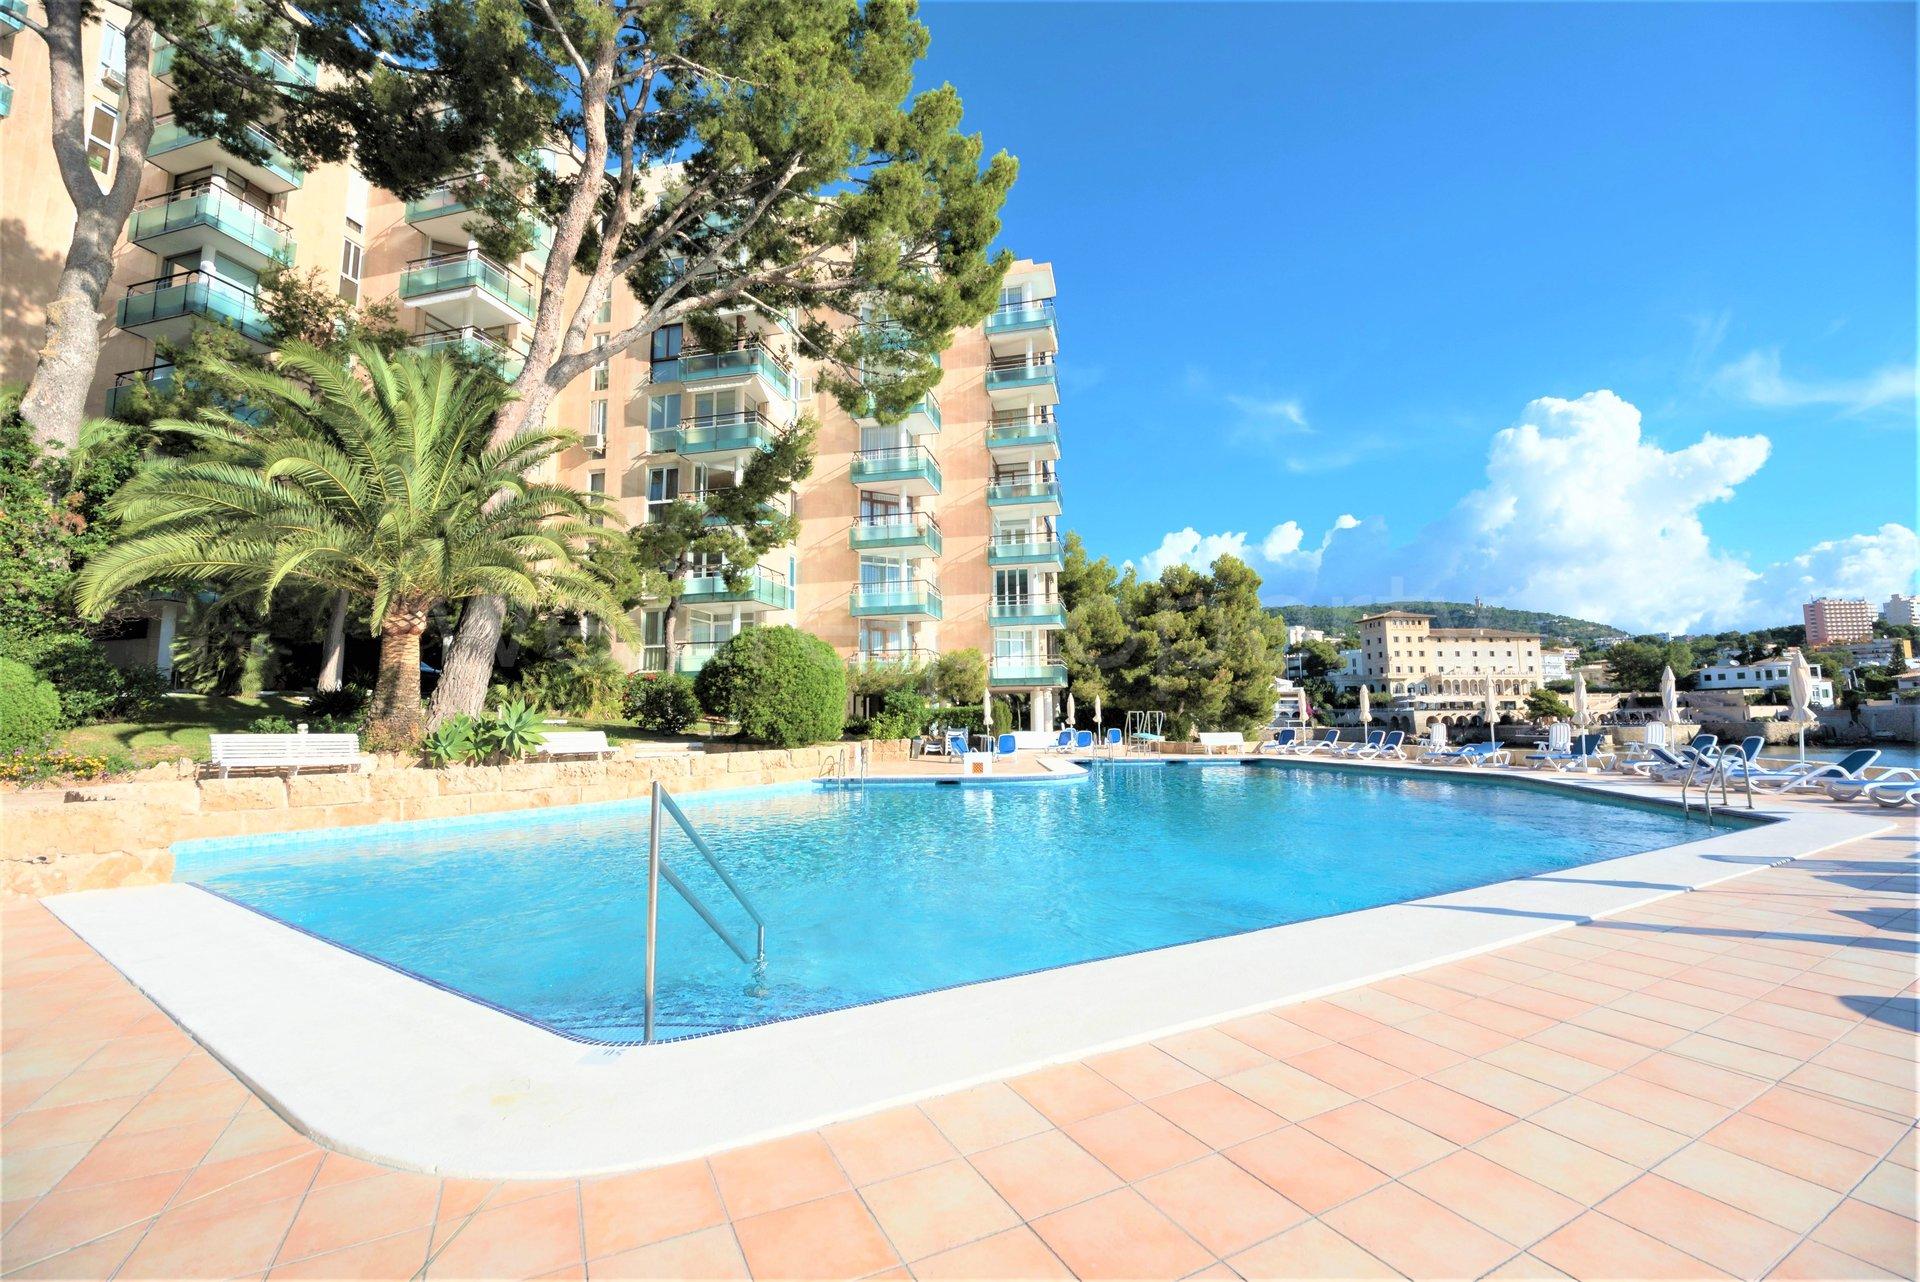 Försäljning Lägenhet - Cas Català - Spanien